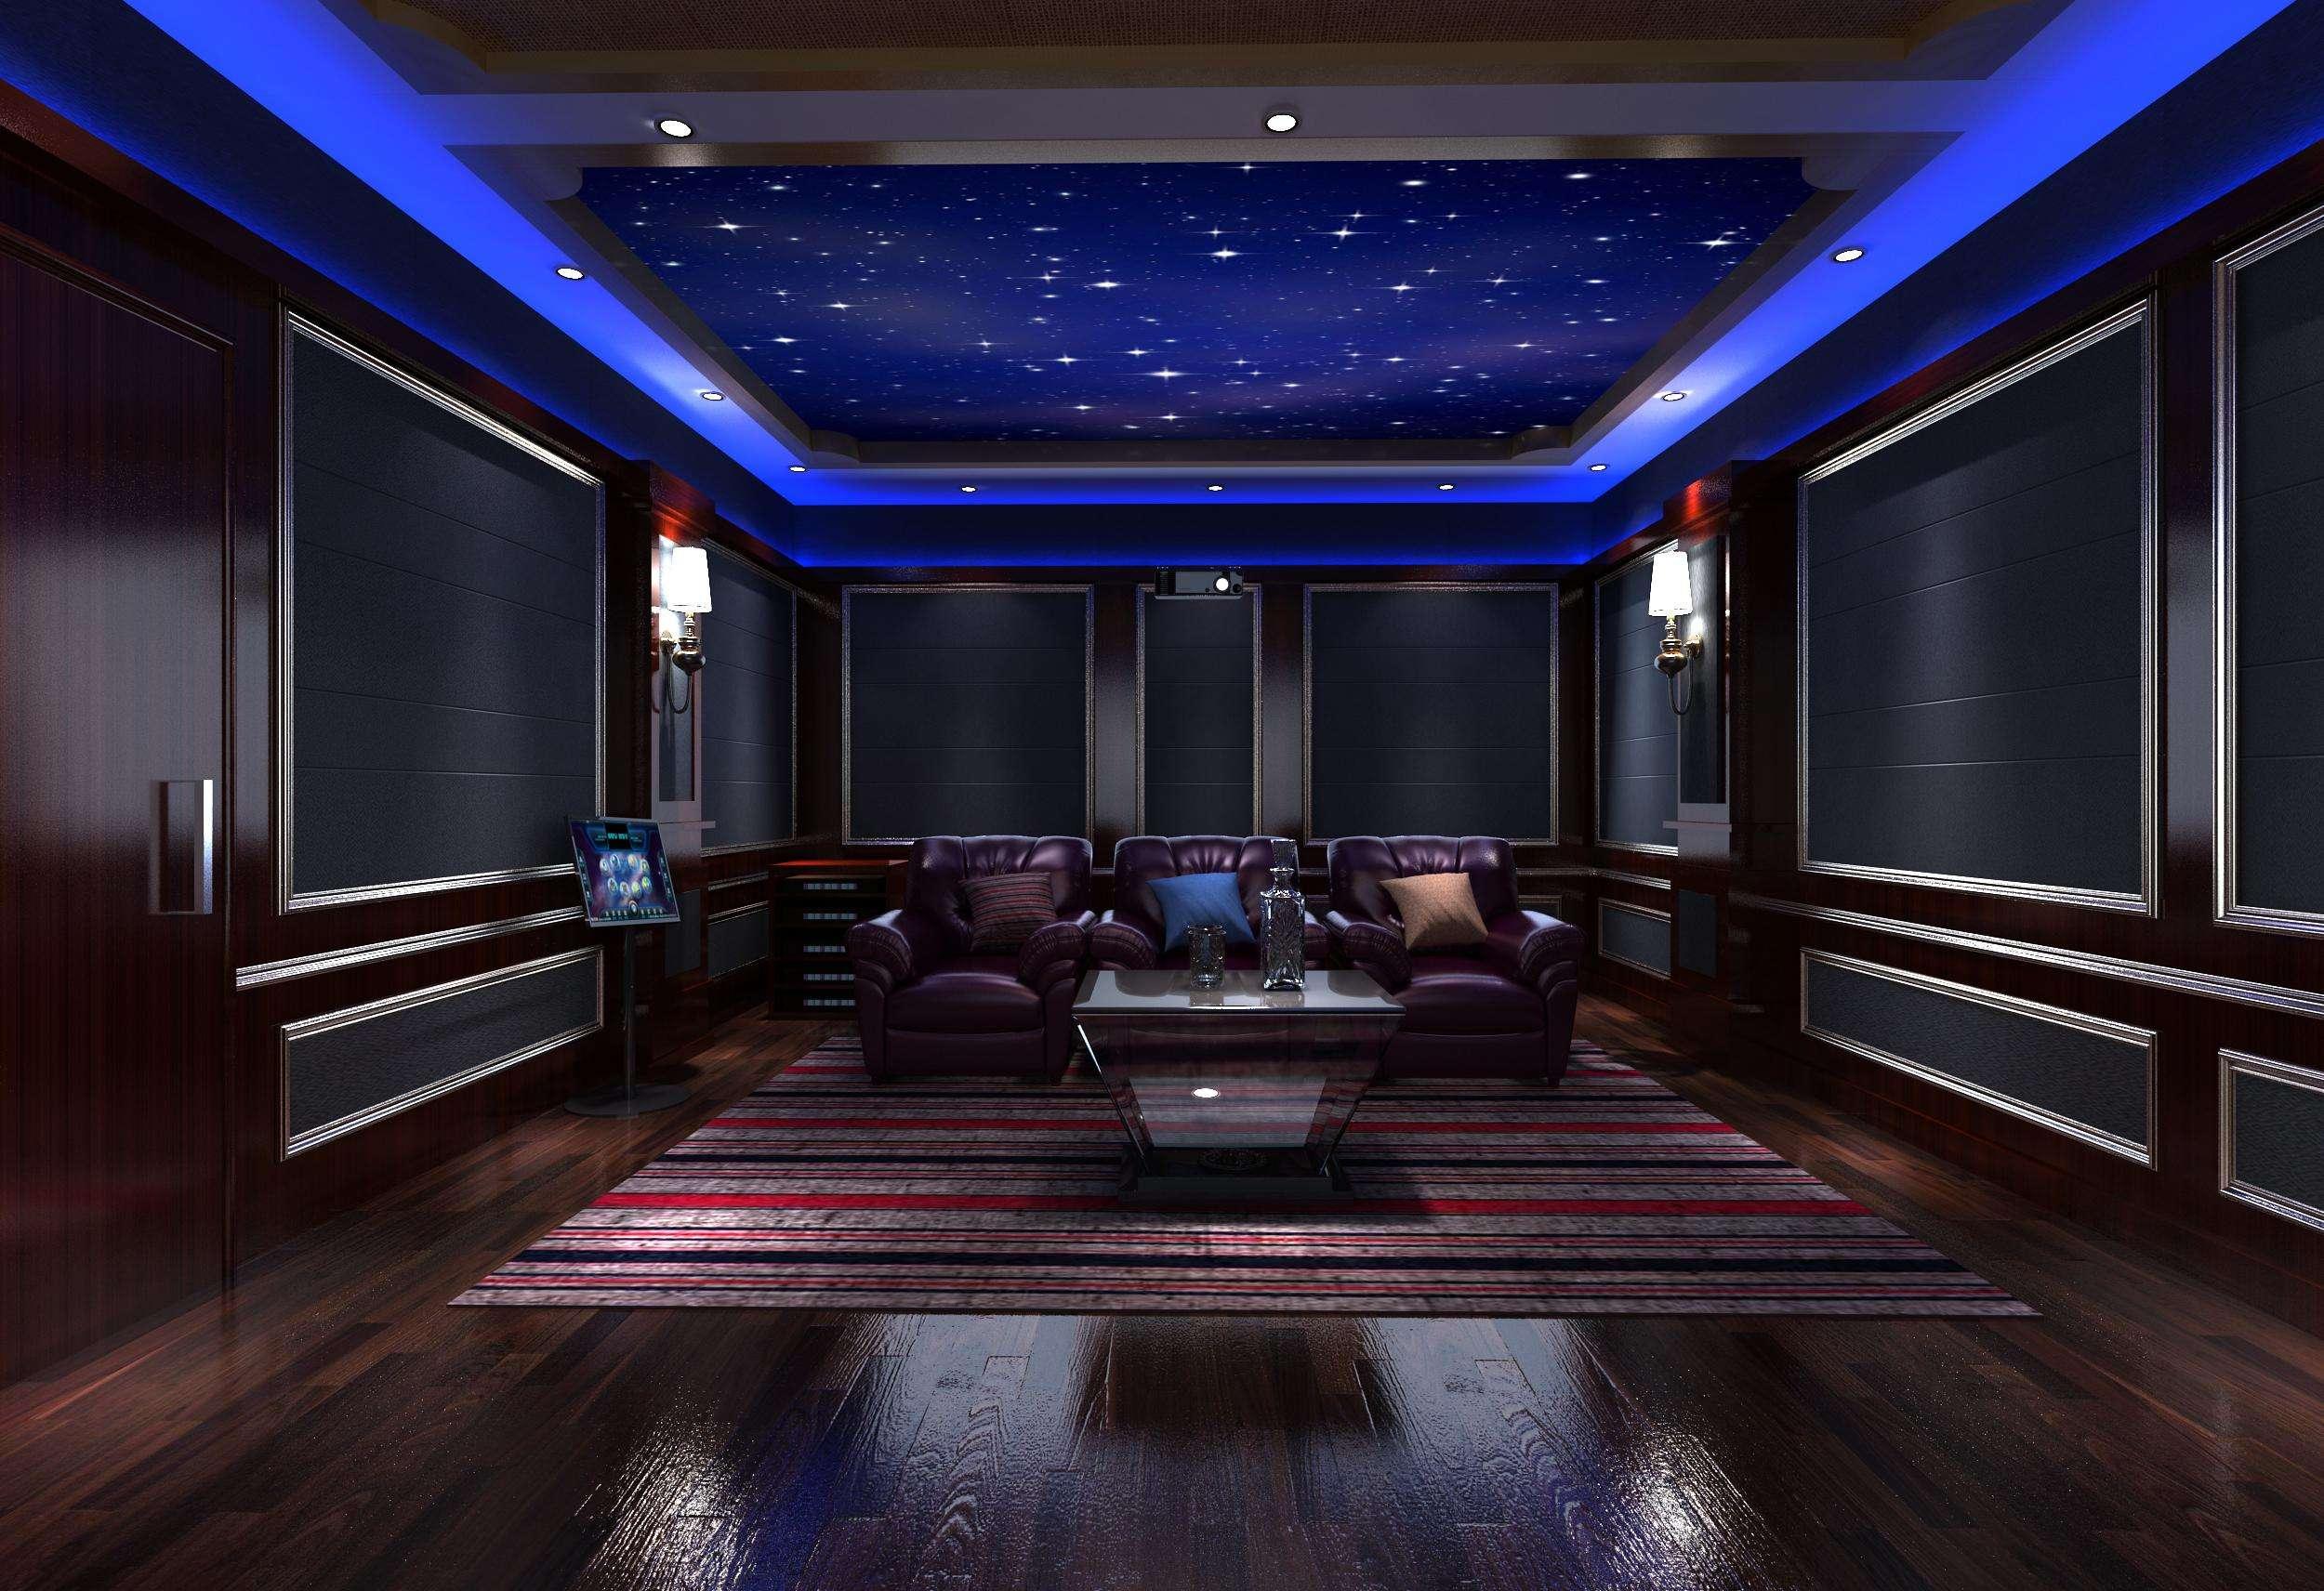 别墅地下室最佳用途,如何打造别墅里的地下室家庭影院